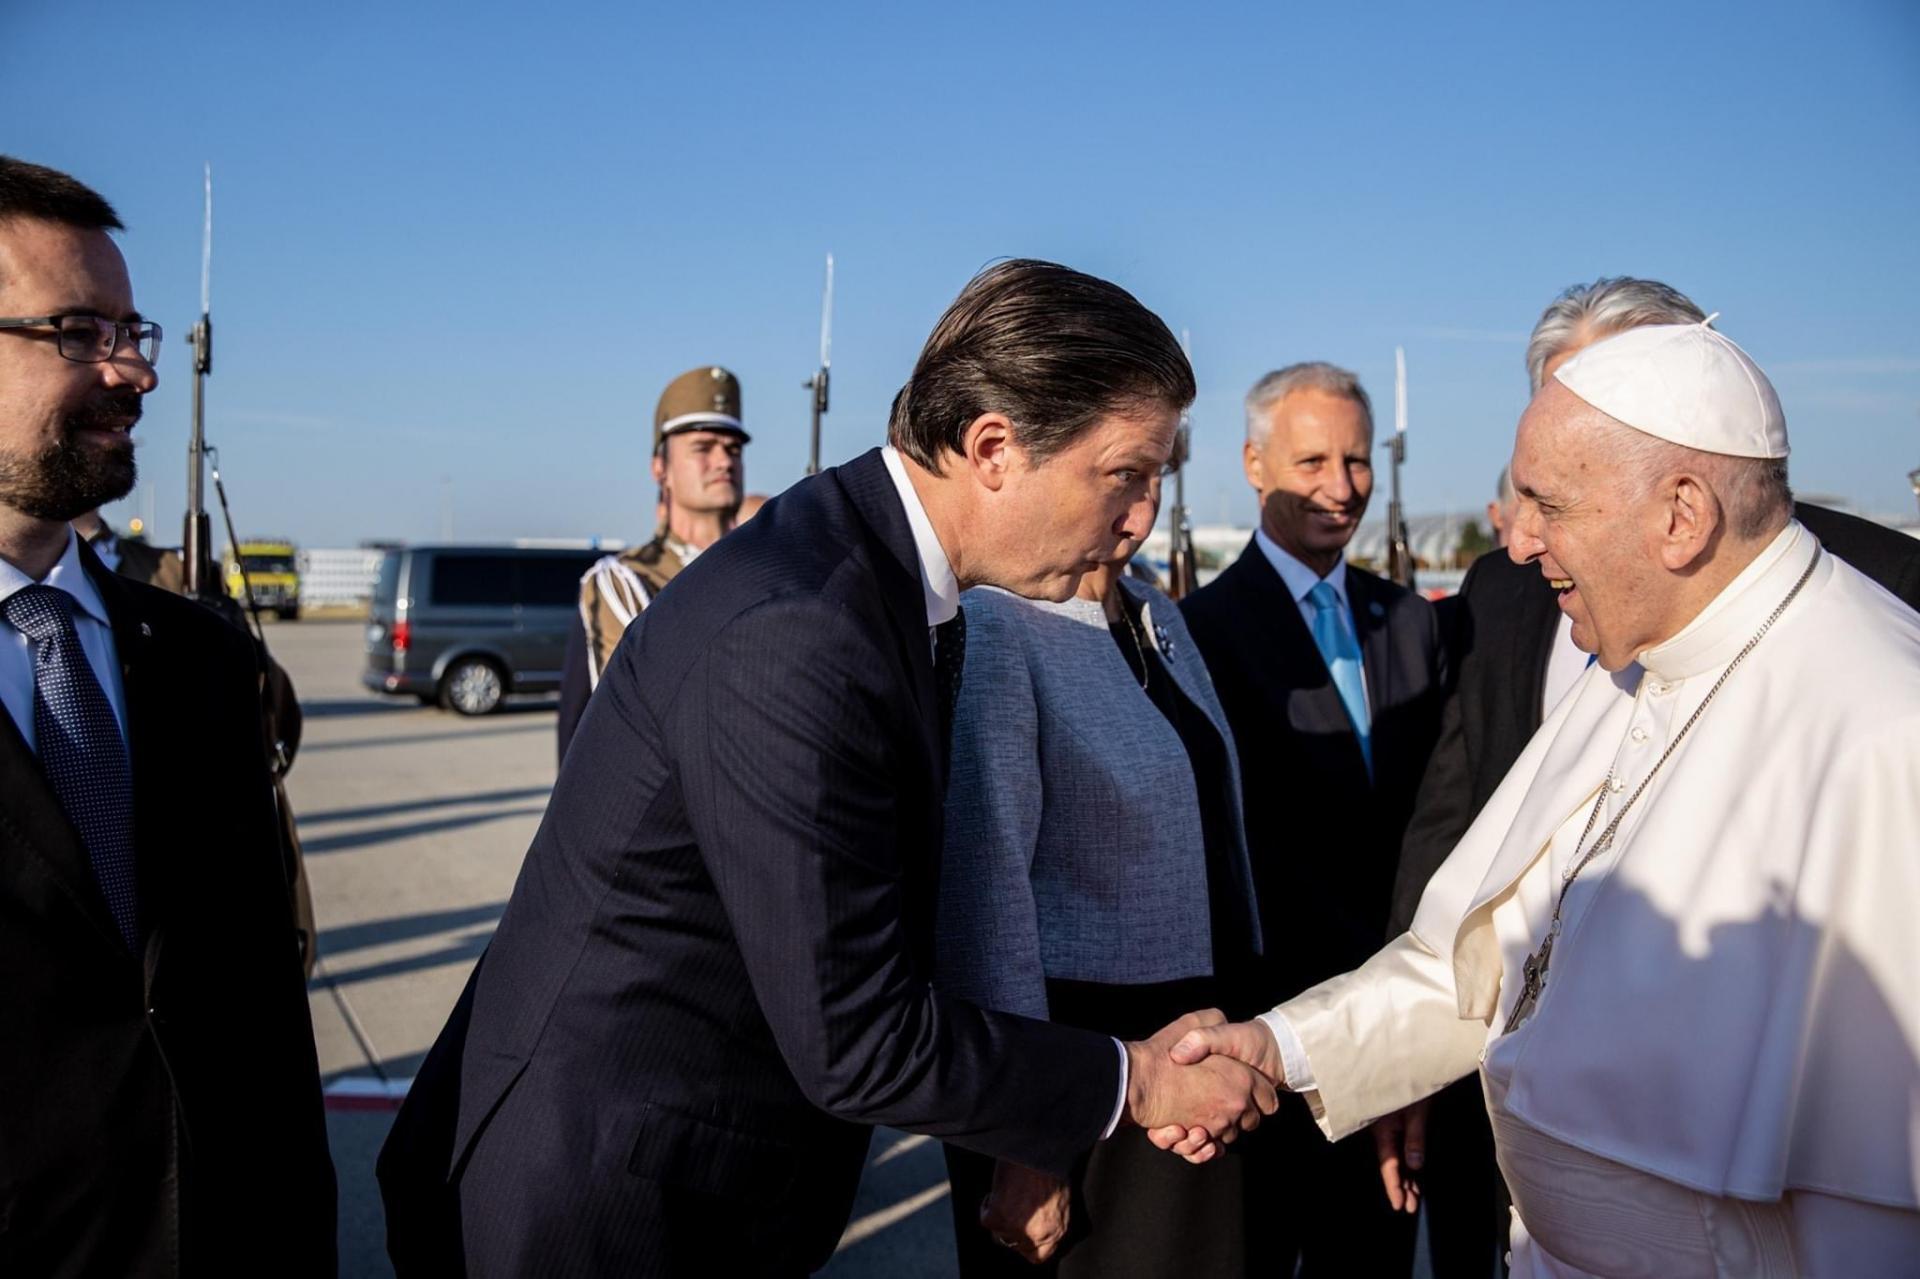 L'archiduc Edouard de Habsbourg-Lorraine accueille le Pape